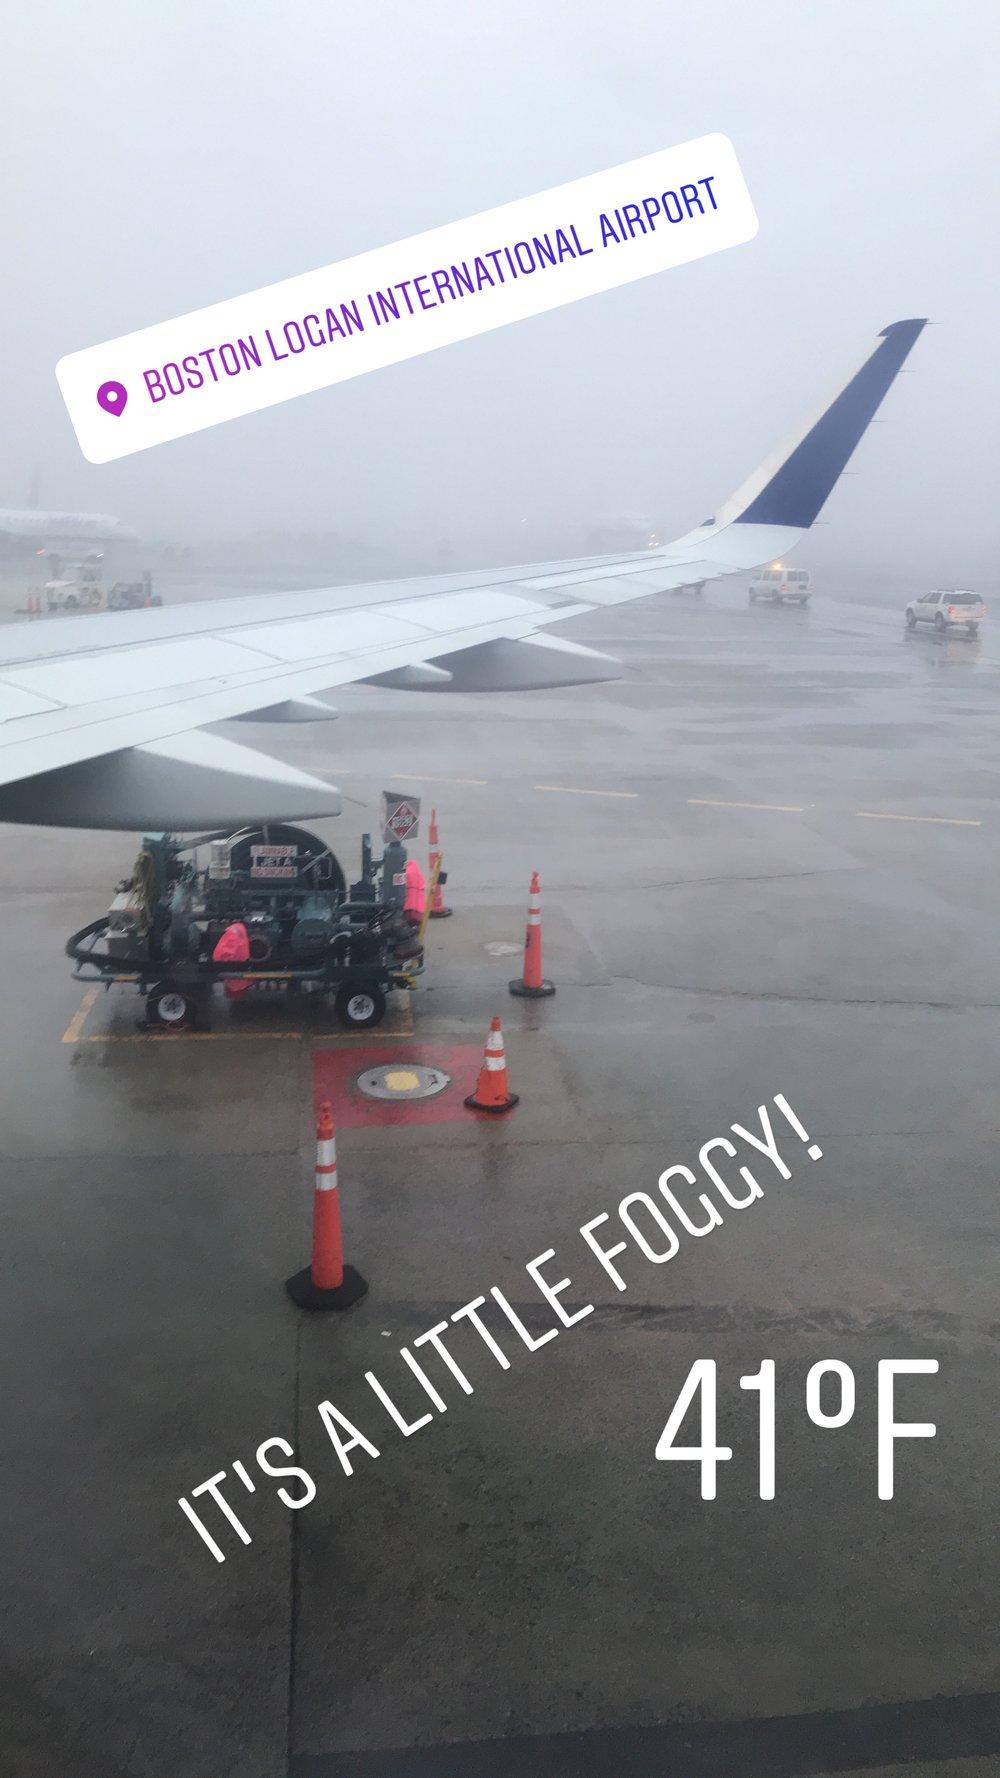 She was a little foggy in Boston when we left